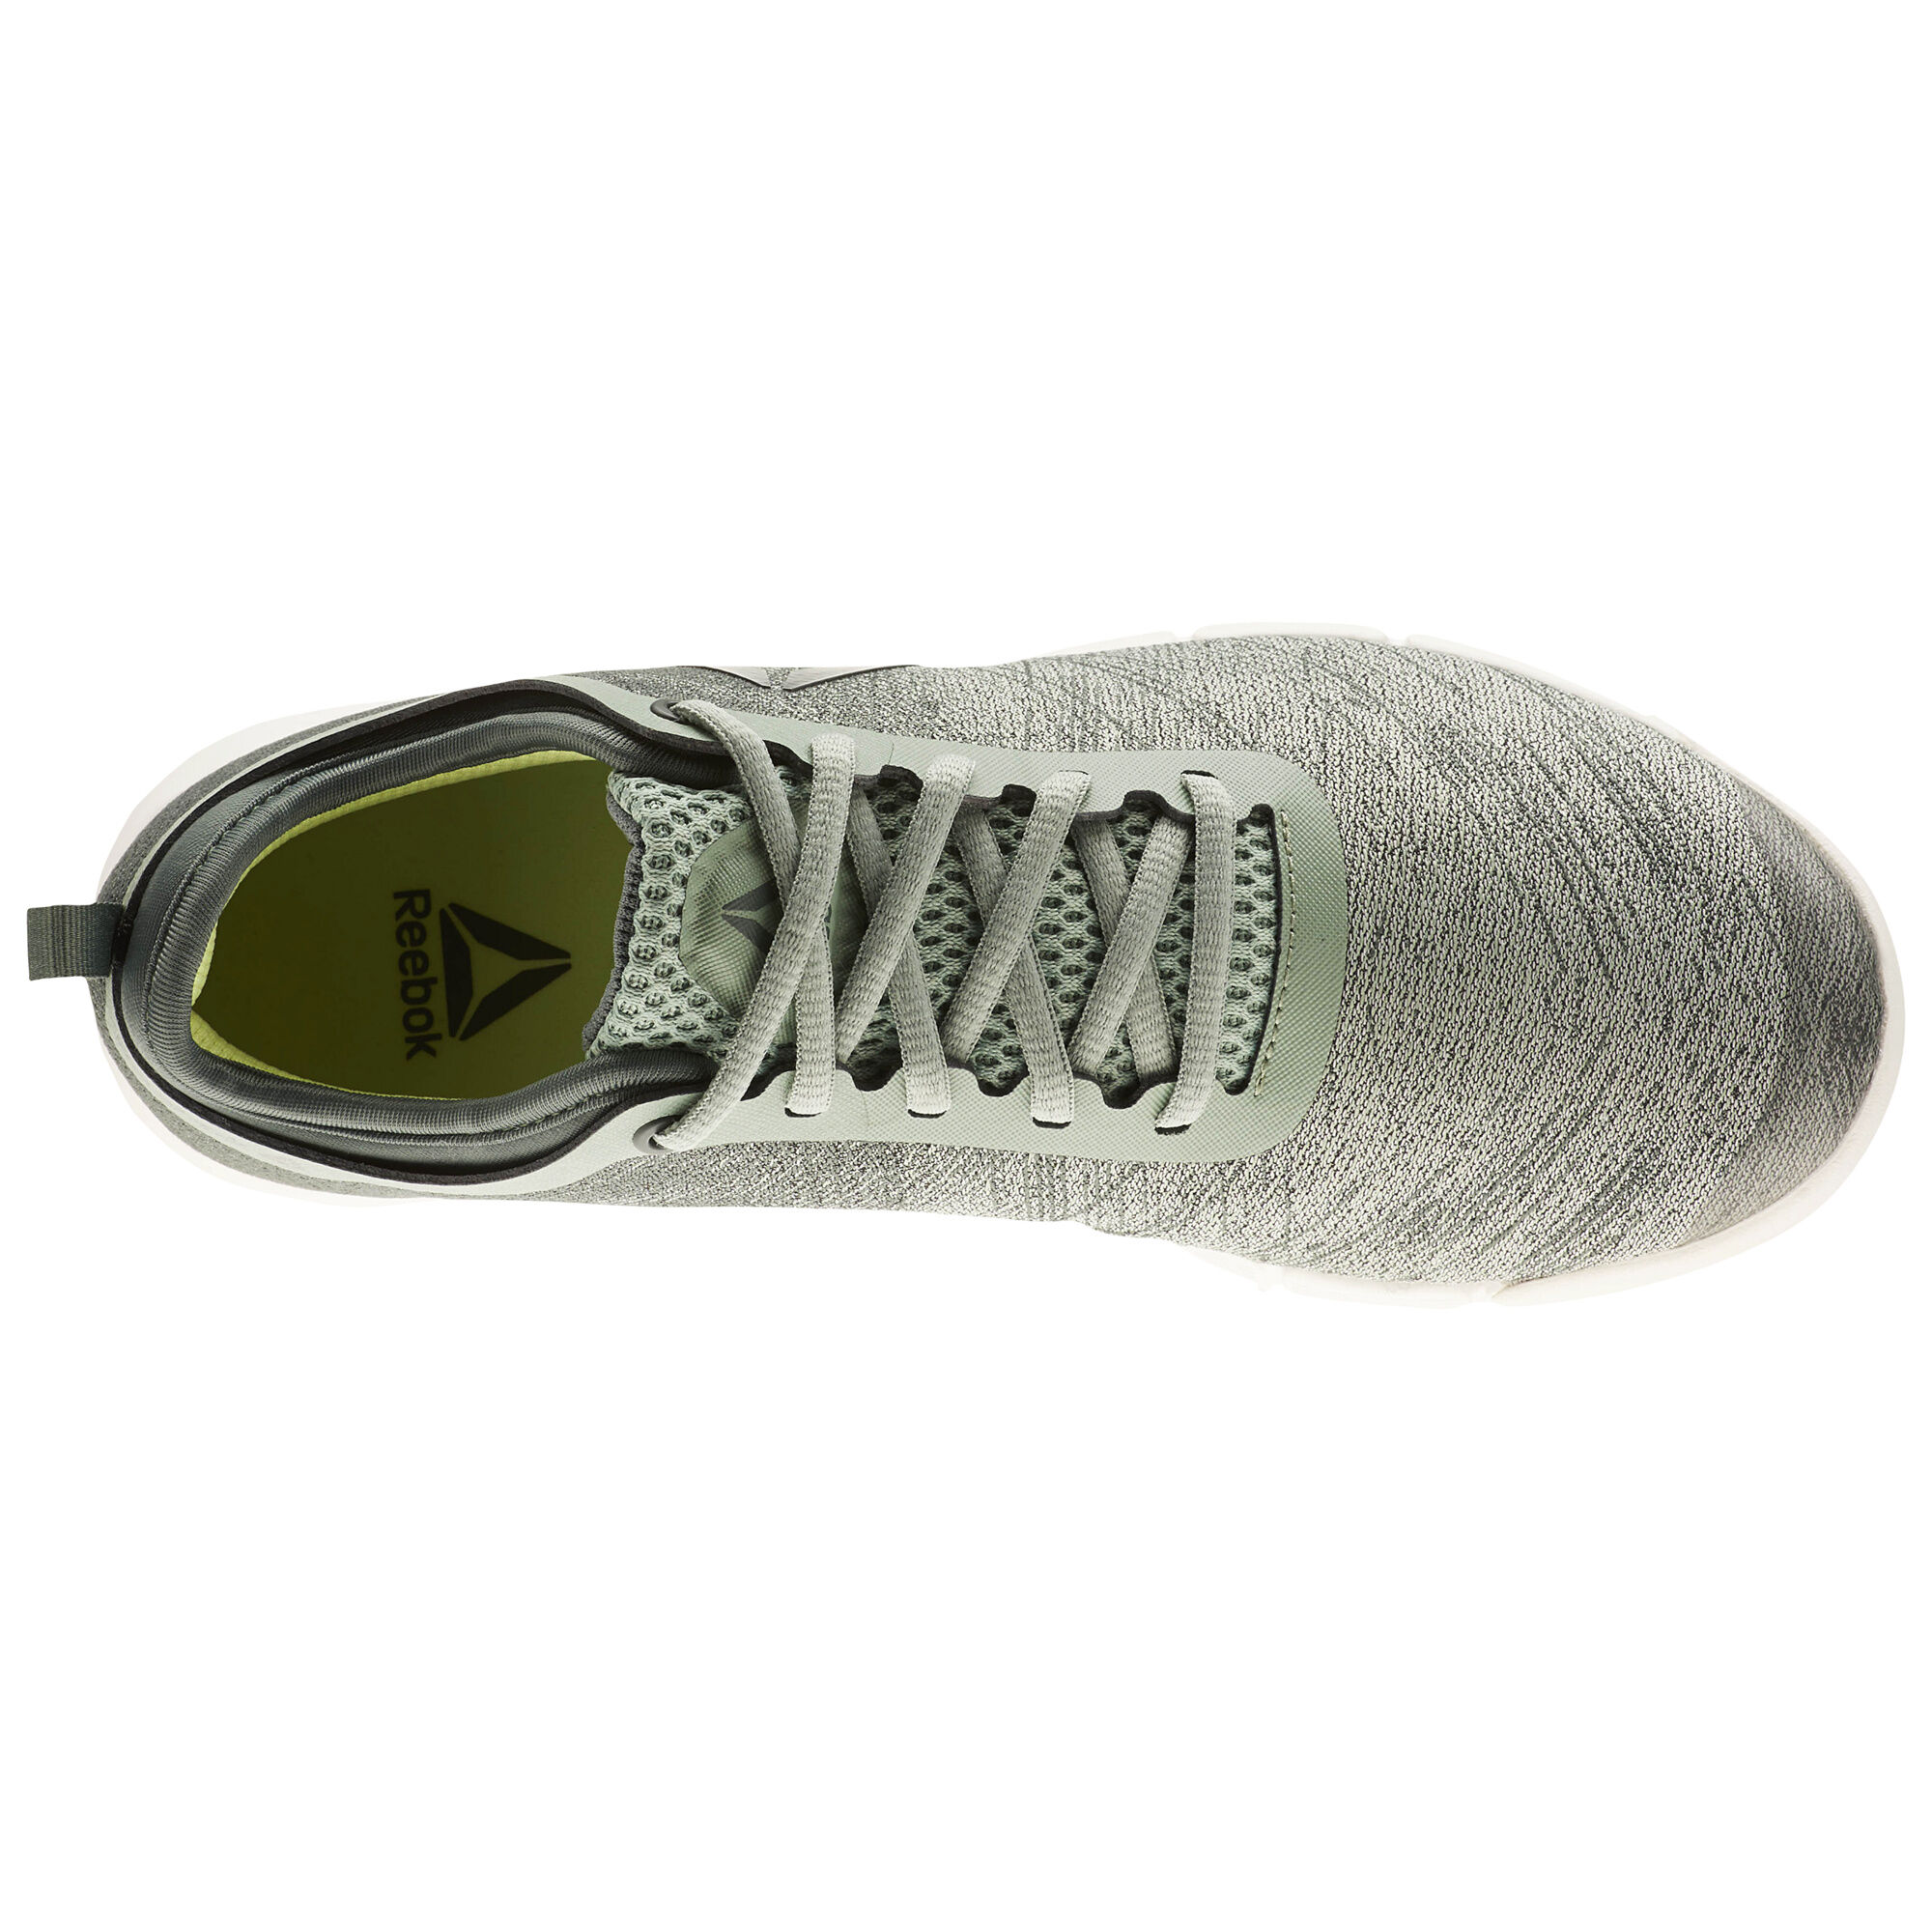 Reebok-Women-039-s-Speed-Her-TR-Shoes